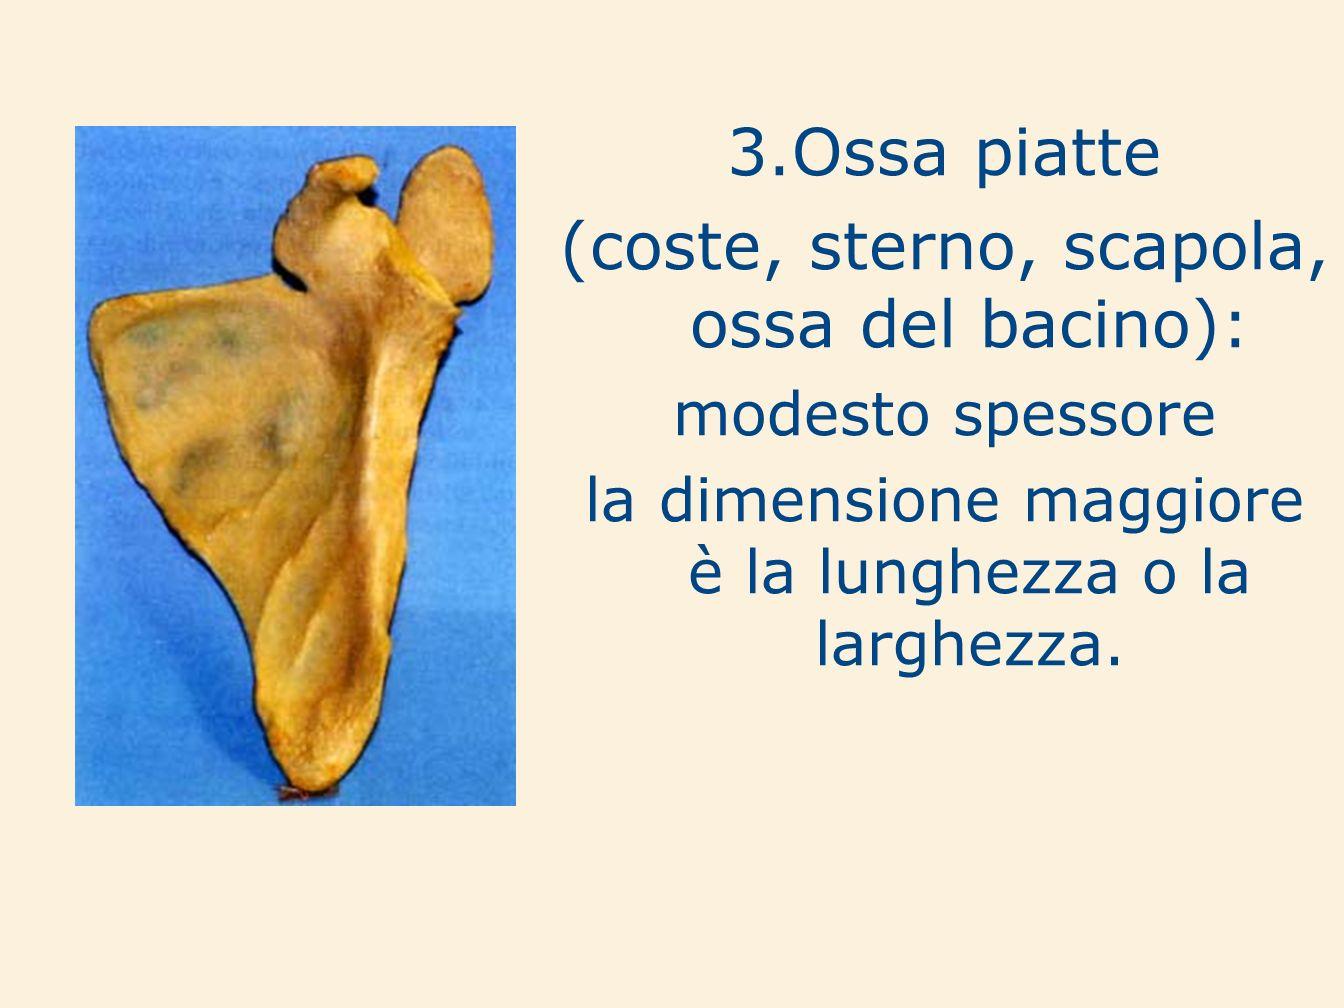 3.Ossa piatte (coste, sterno, scapola, ossa del bacino): modesto spessore la dimensione maggiore è la lunghezza o la larghezza.